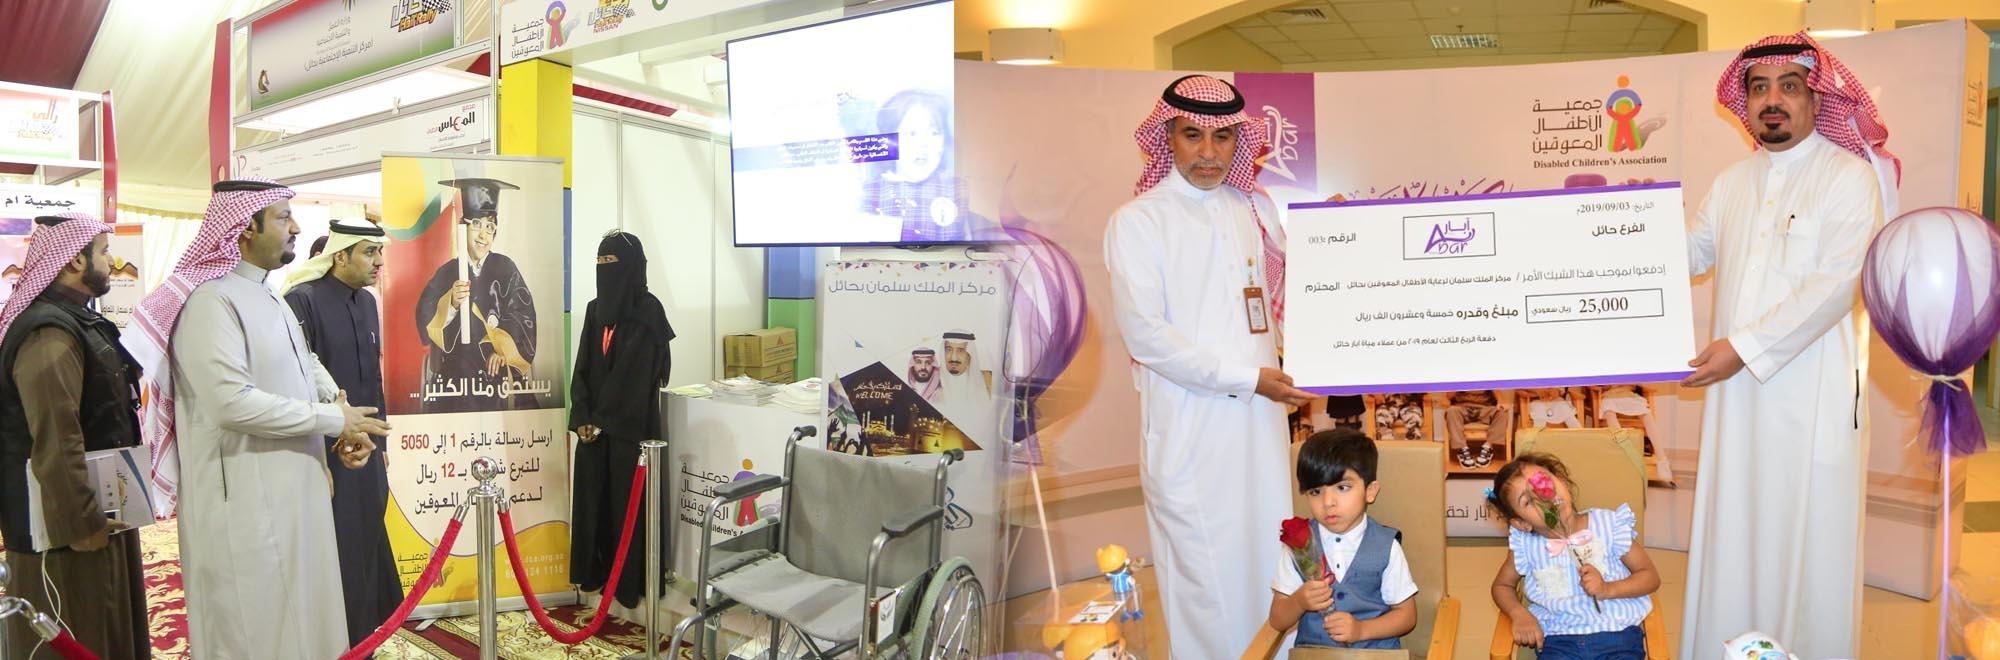 رعاية شركة مياه آبار حائل لمركز الملك سلمان لرعاية الأطفال المعوقين بالمنطقة